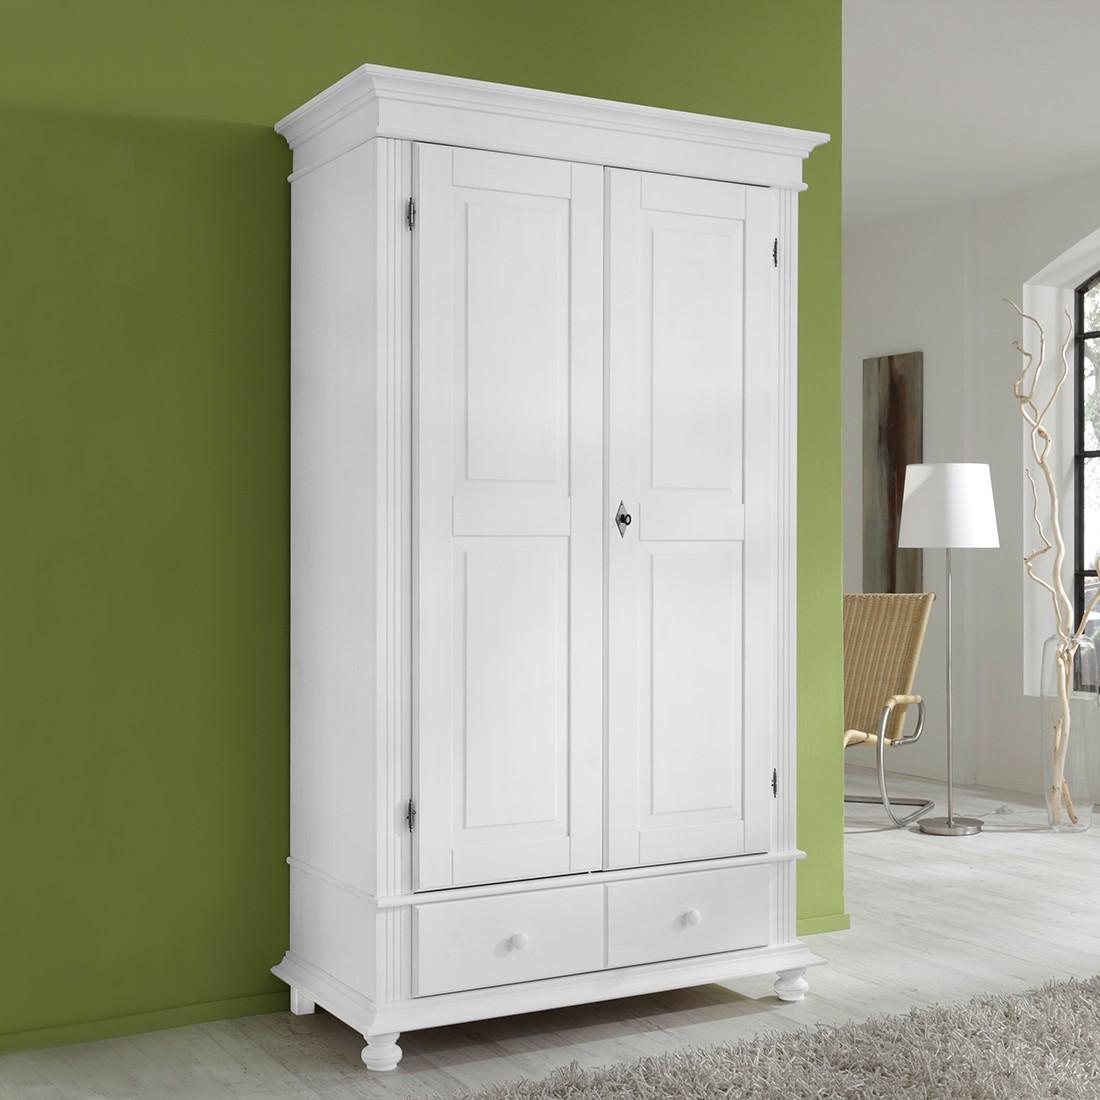 Landhaus Classic Garderobenschrank – für ein ländliches Zuhause | home24